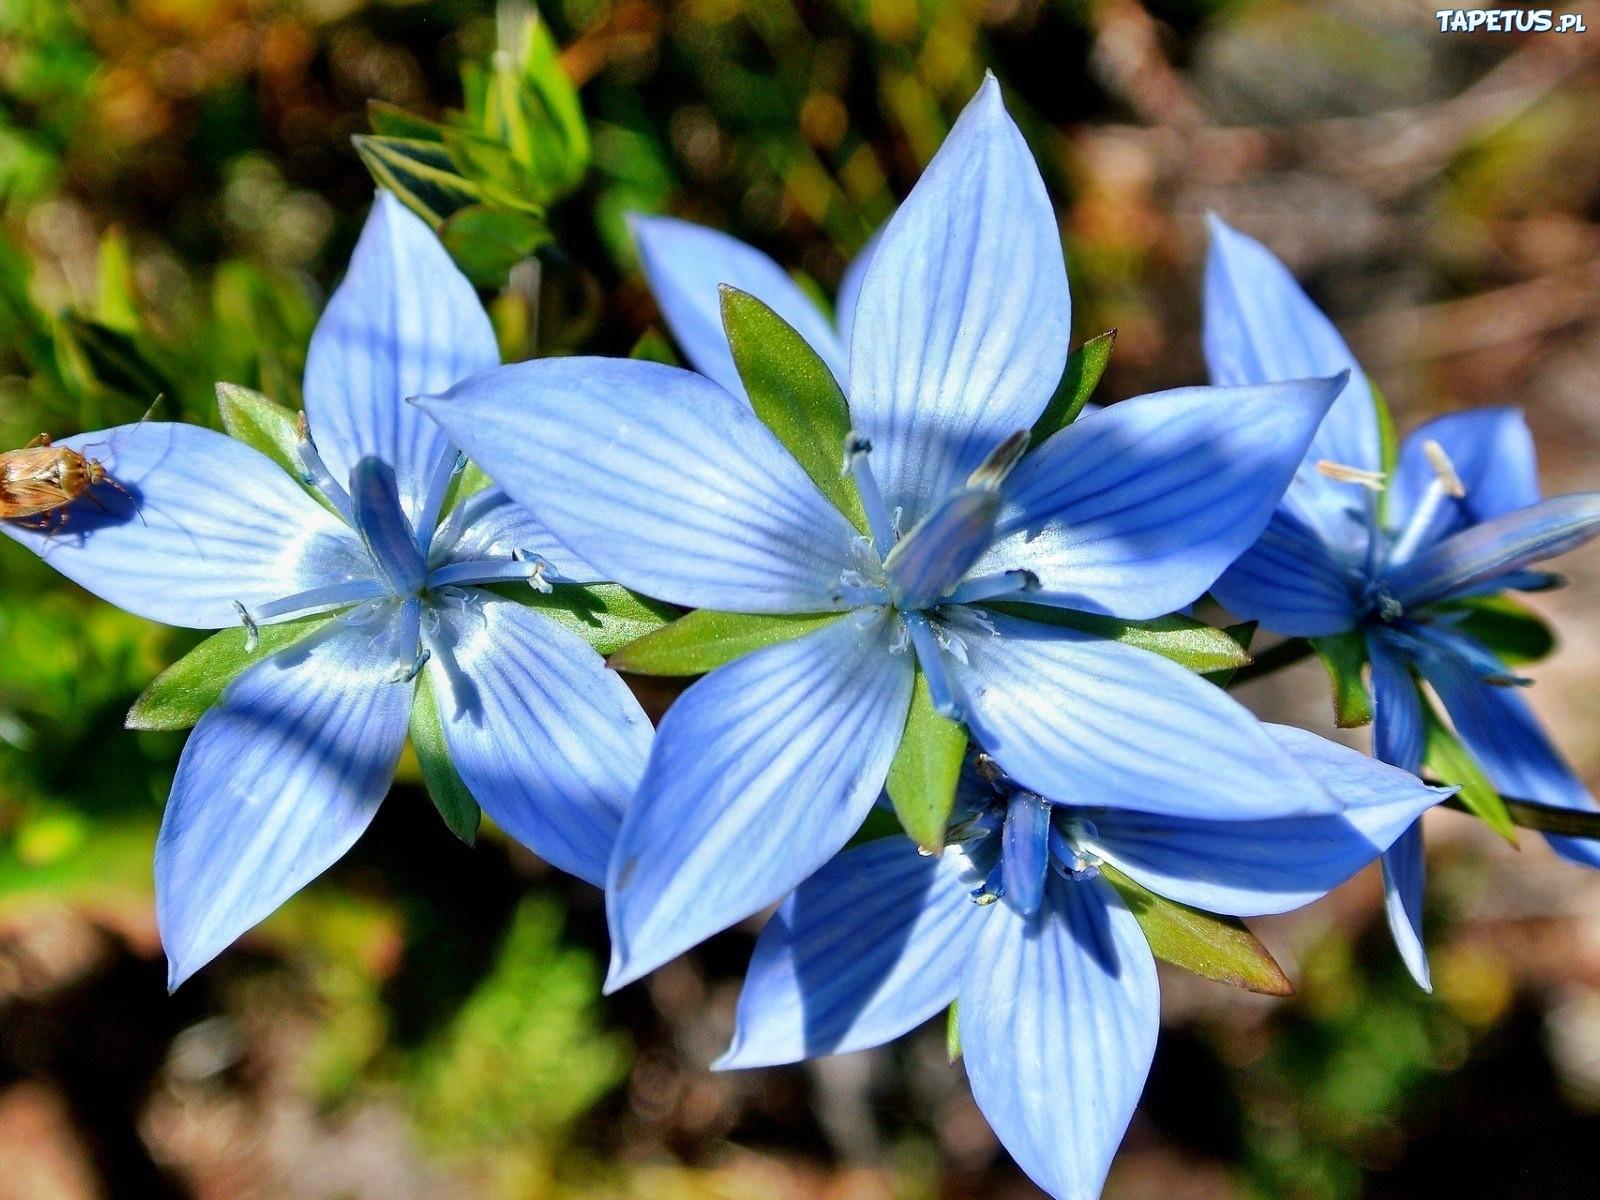 ... www.zdjecia.biz.pl/zdjecia/duze/kwiaty-niebieskie-abstrakcja-1.jpeg